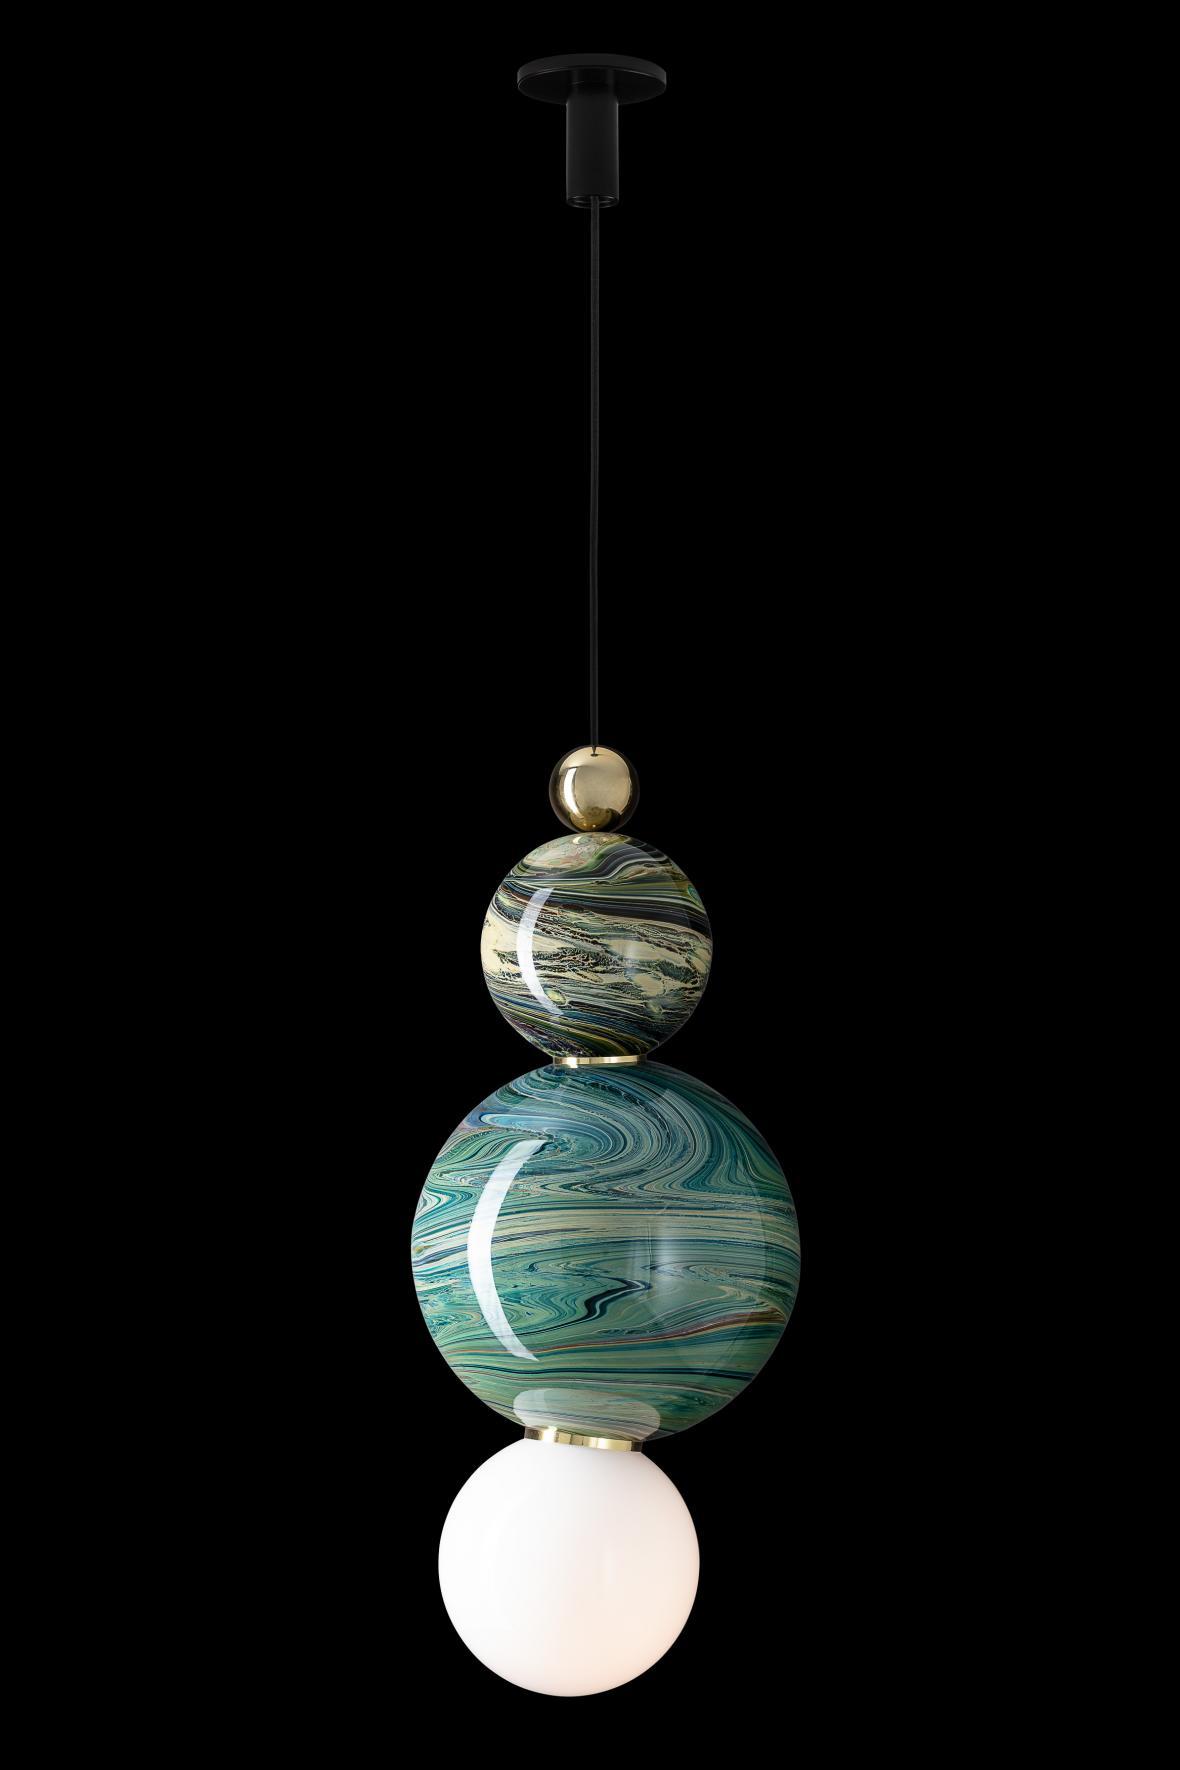 Svítidlo Eclipse Pendant (design: Spacey, výrobce: Lasvit)